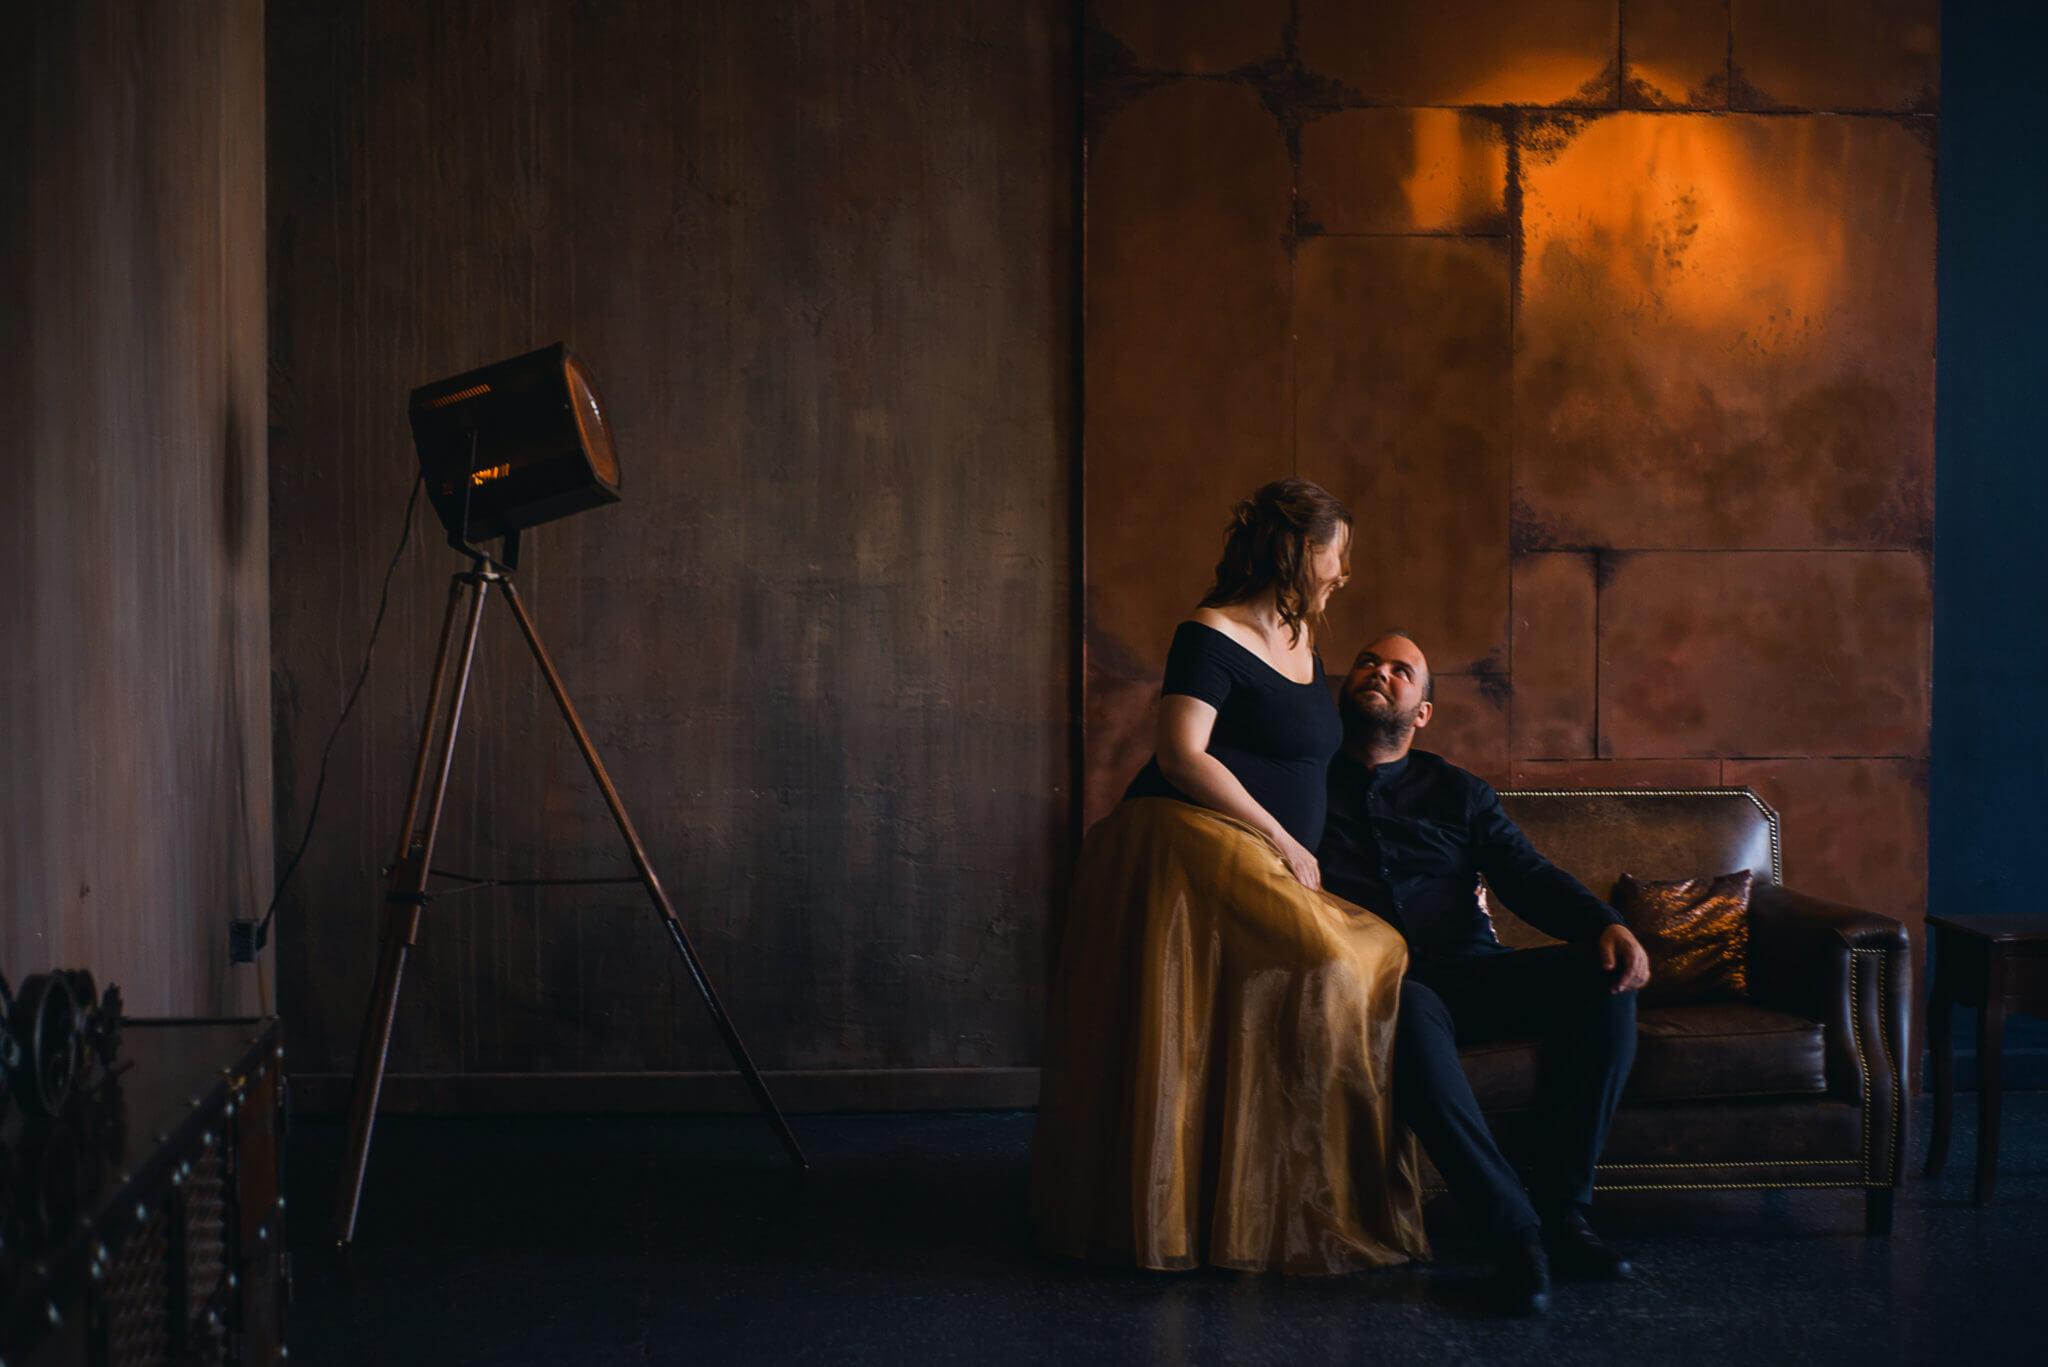 Одна из локаций зала Фактура, кожаное кресло, прожектор, стены в коричневых тонах